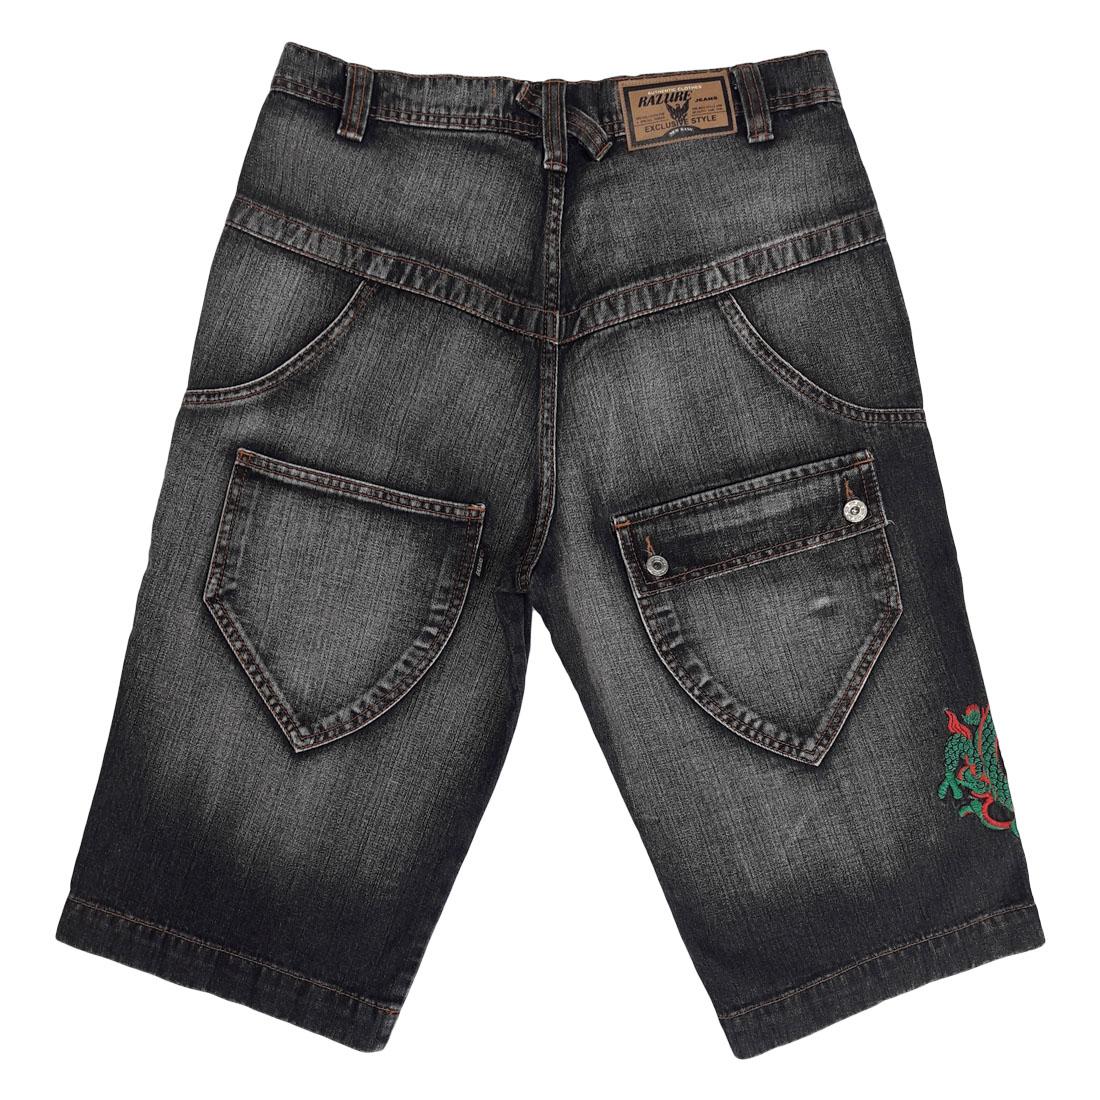 Bermuda Jeans Masculina com Detalhe Bordado